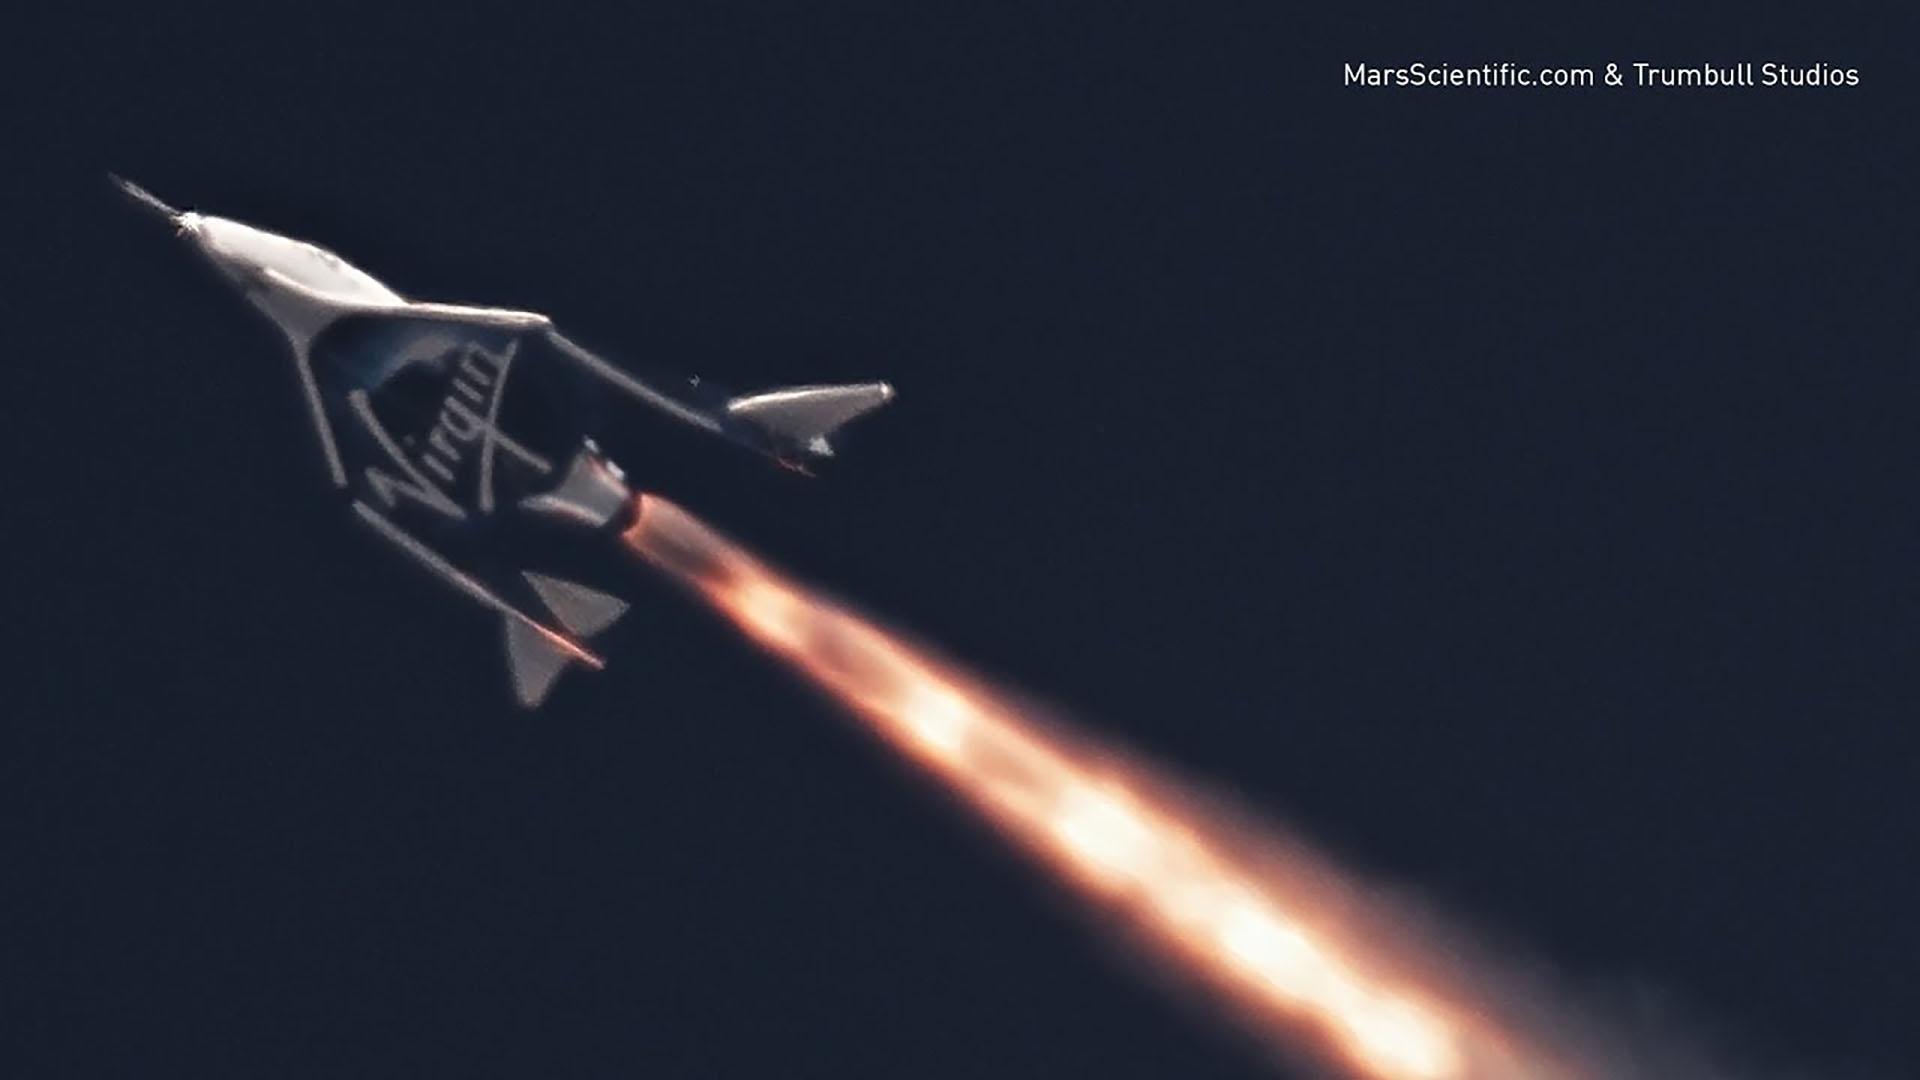 Virgin Galactic est mal parti pour transporter des touristes dans l'espace en 2021 - Numerama